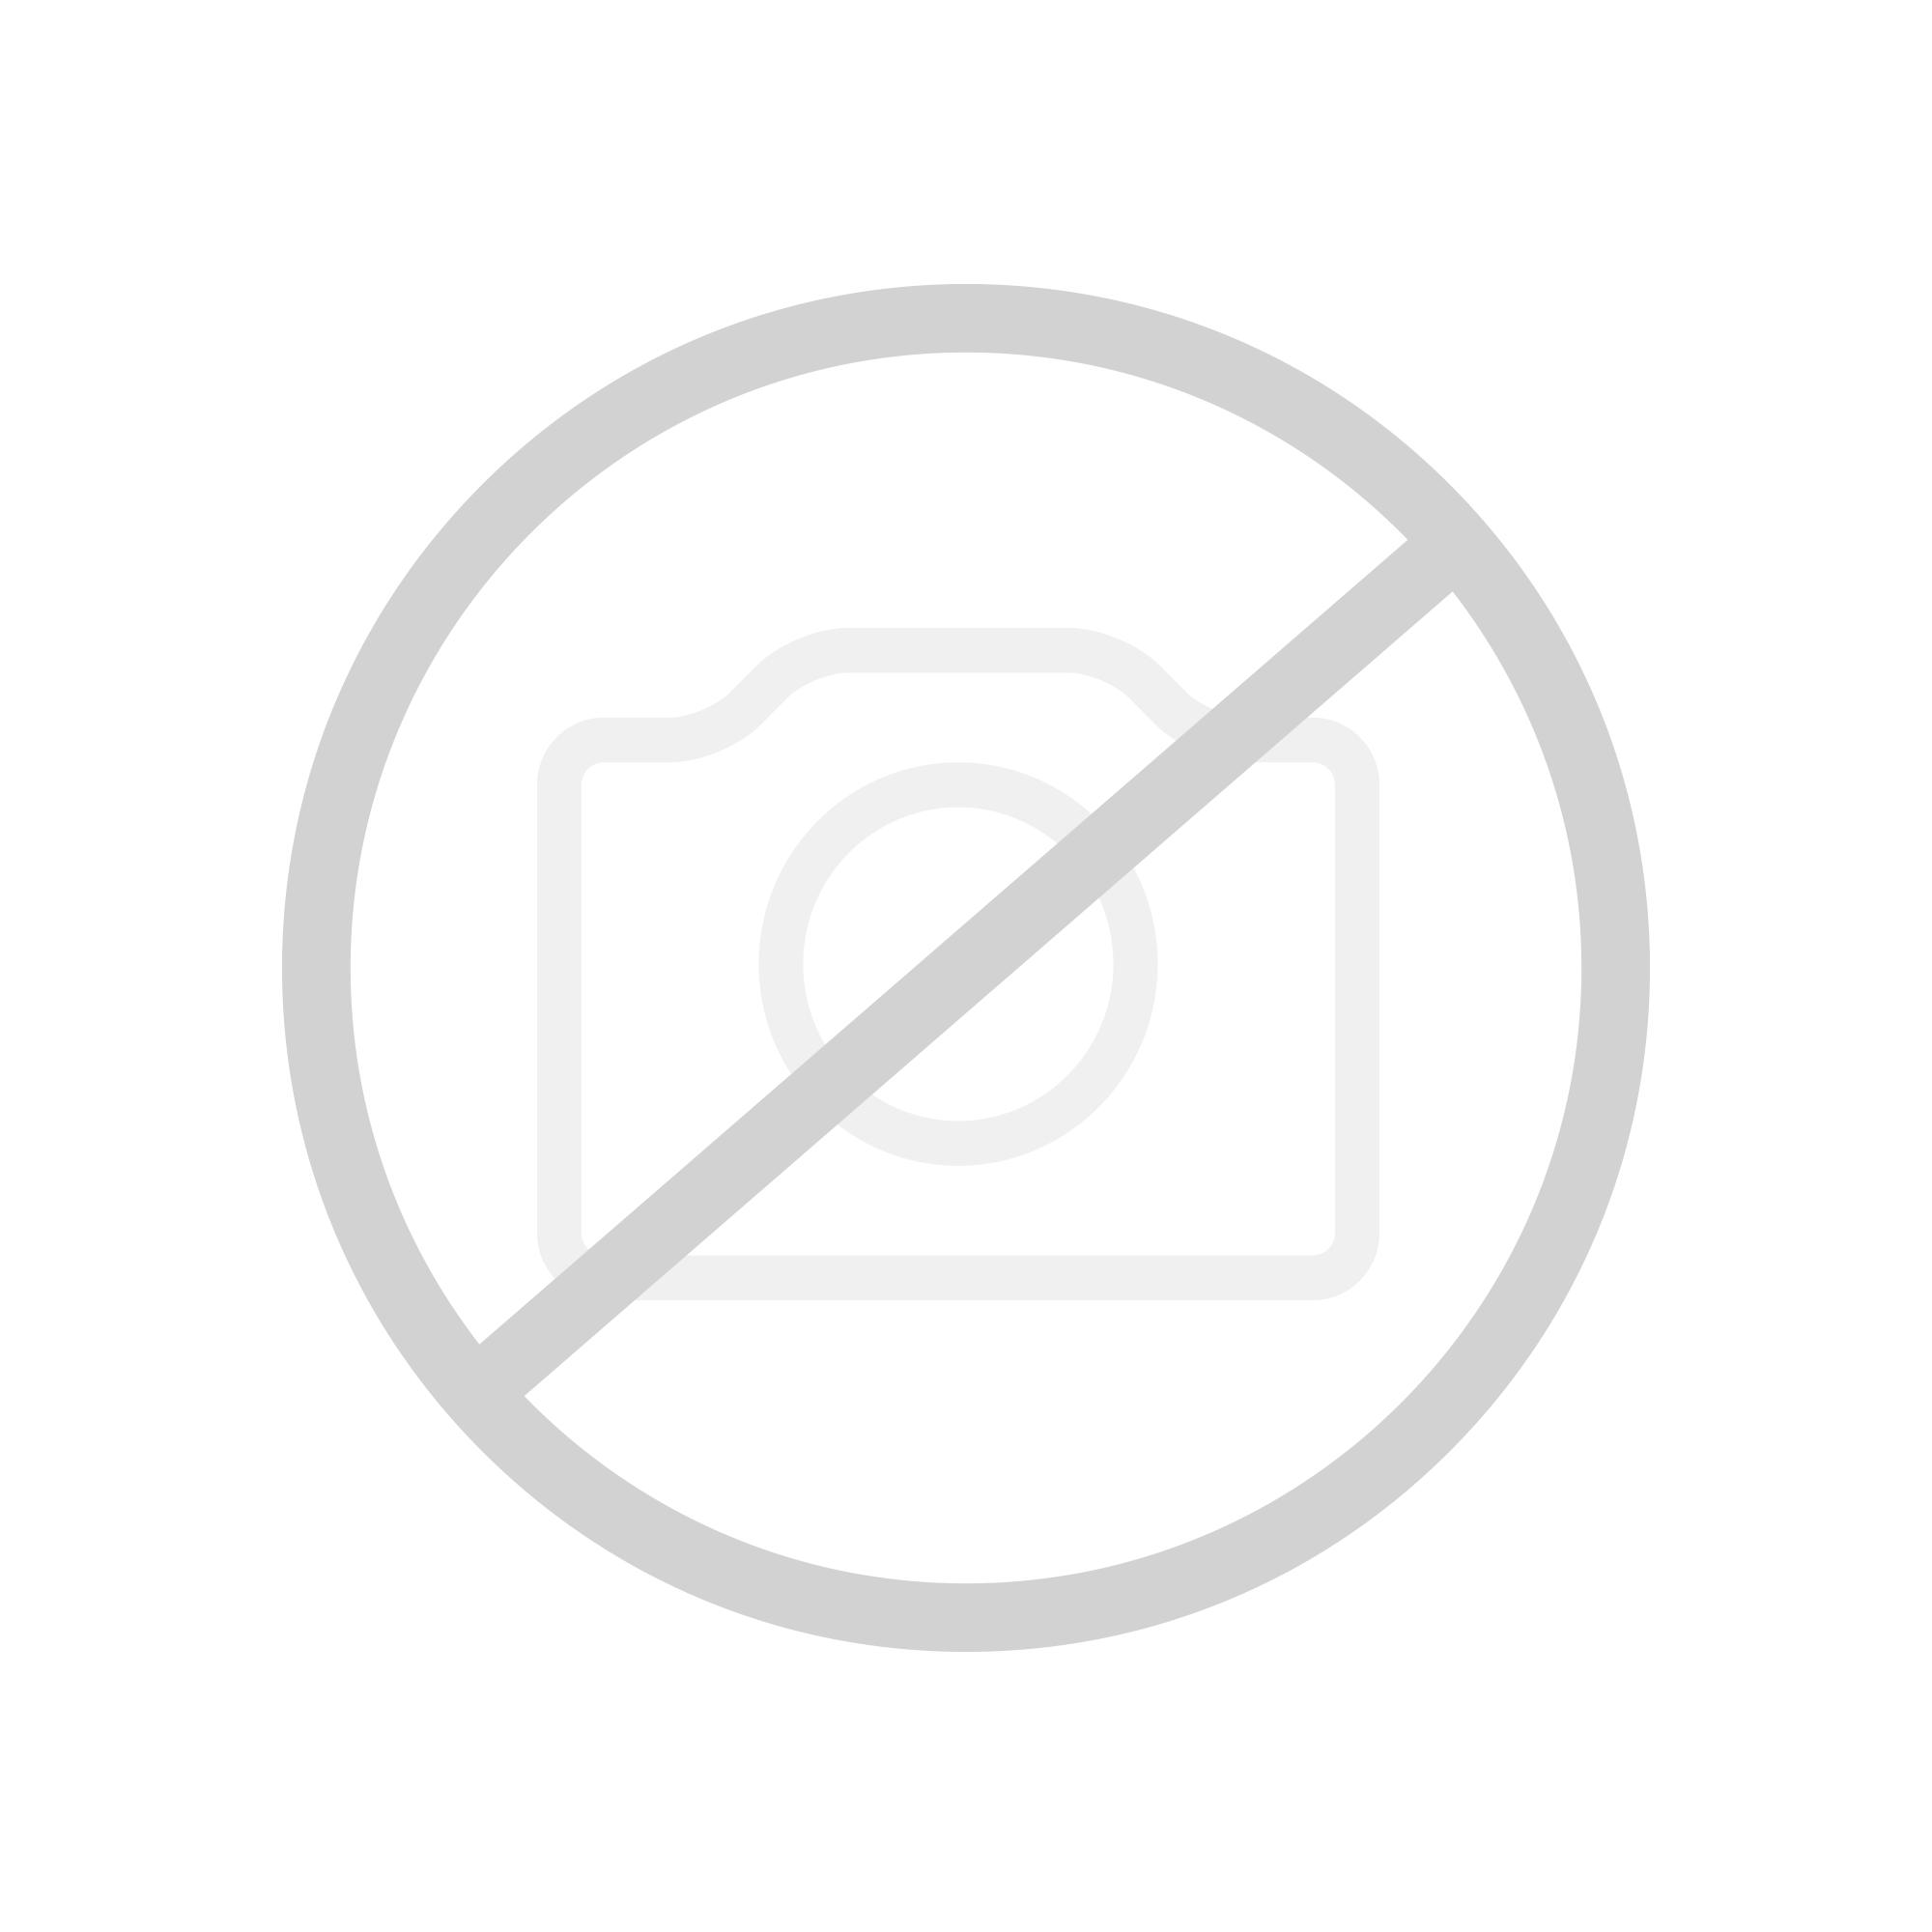 bette floor rechteck duschwanne l 170 b 100 cm wei matt 5817 440 reuter onlineshop. Black Bedroom Furniture Sets. Home Design Ideas